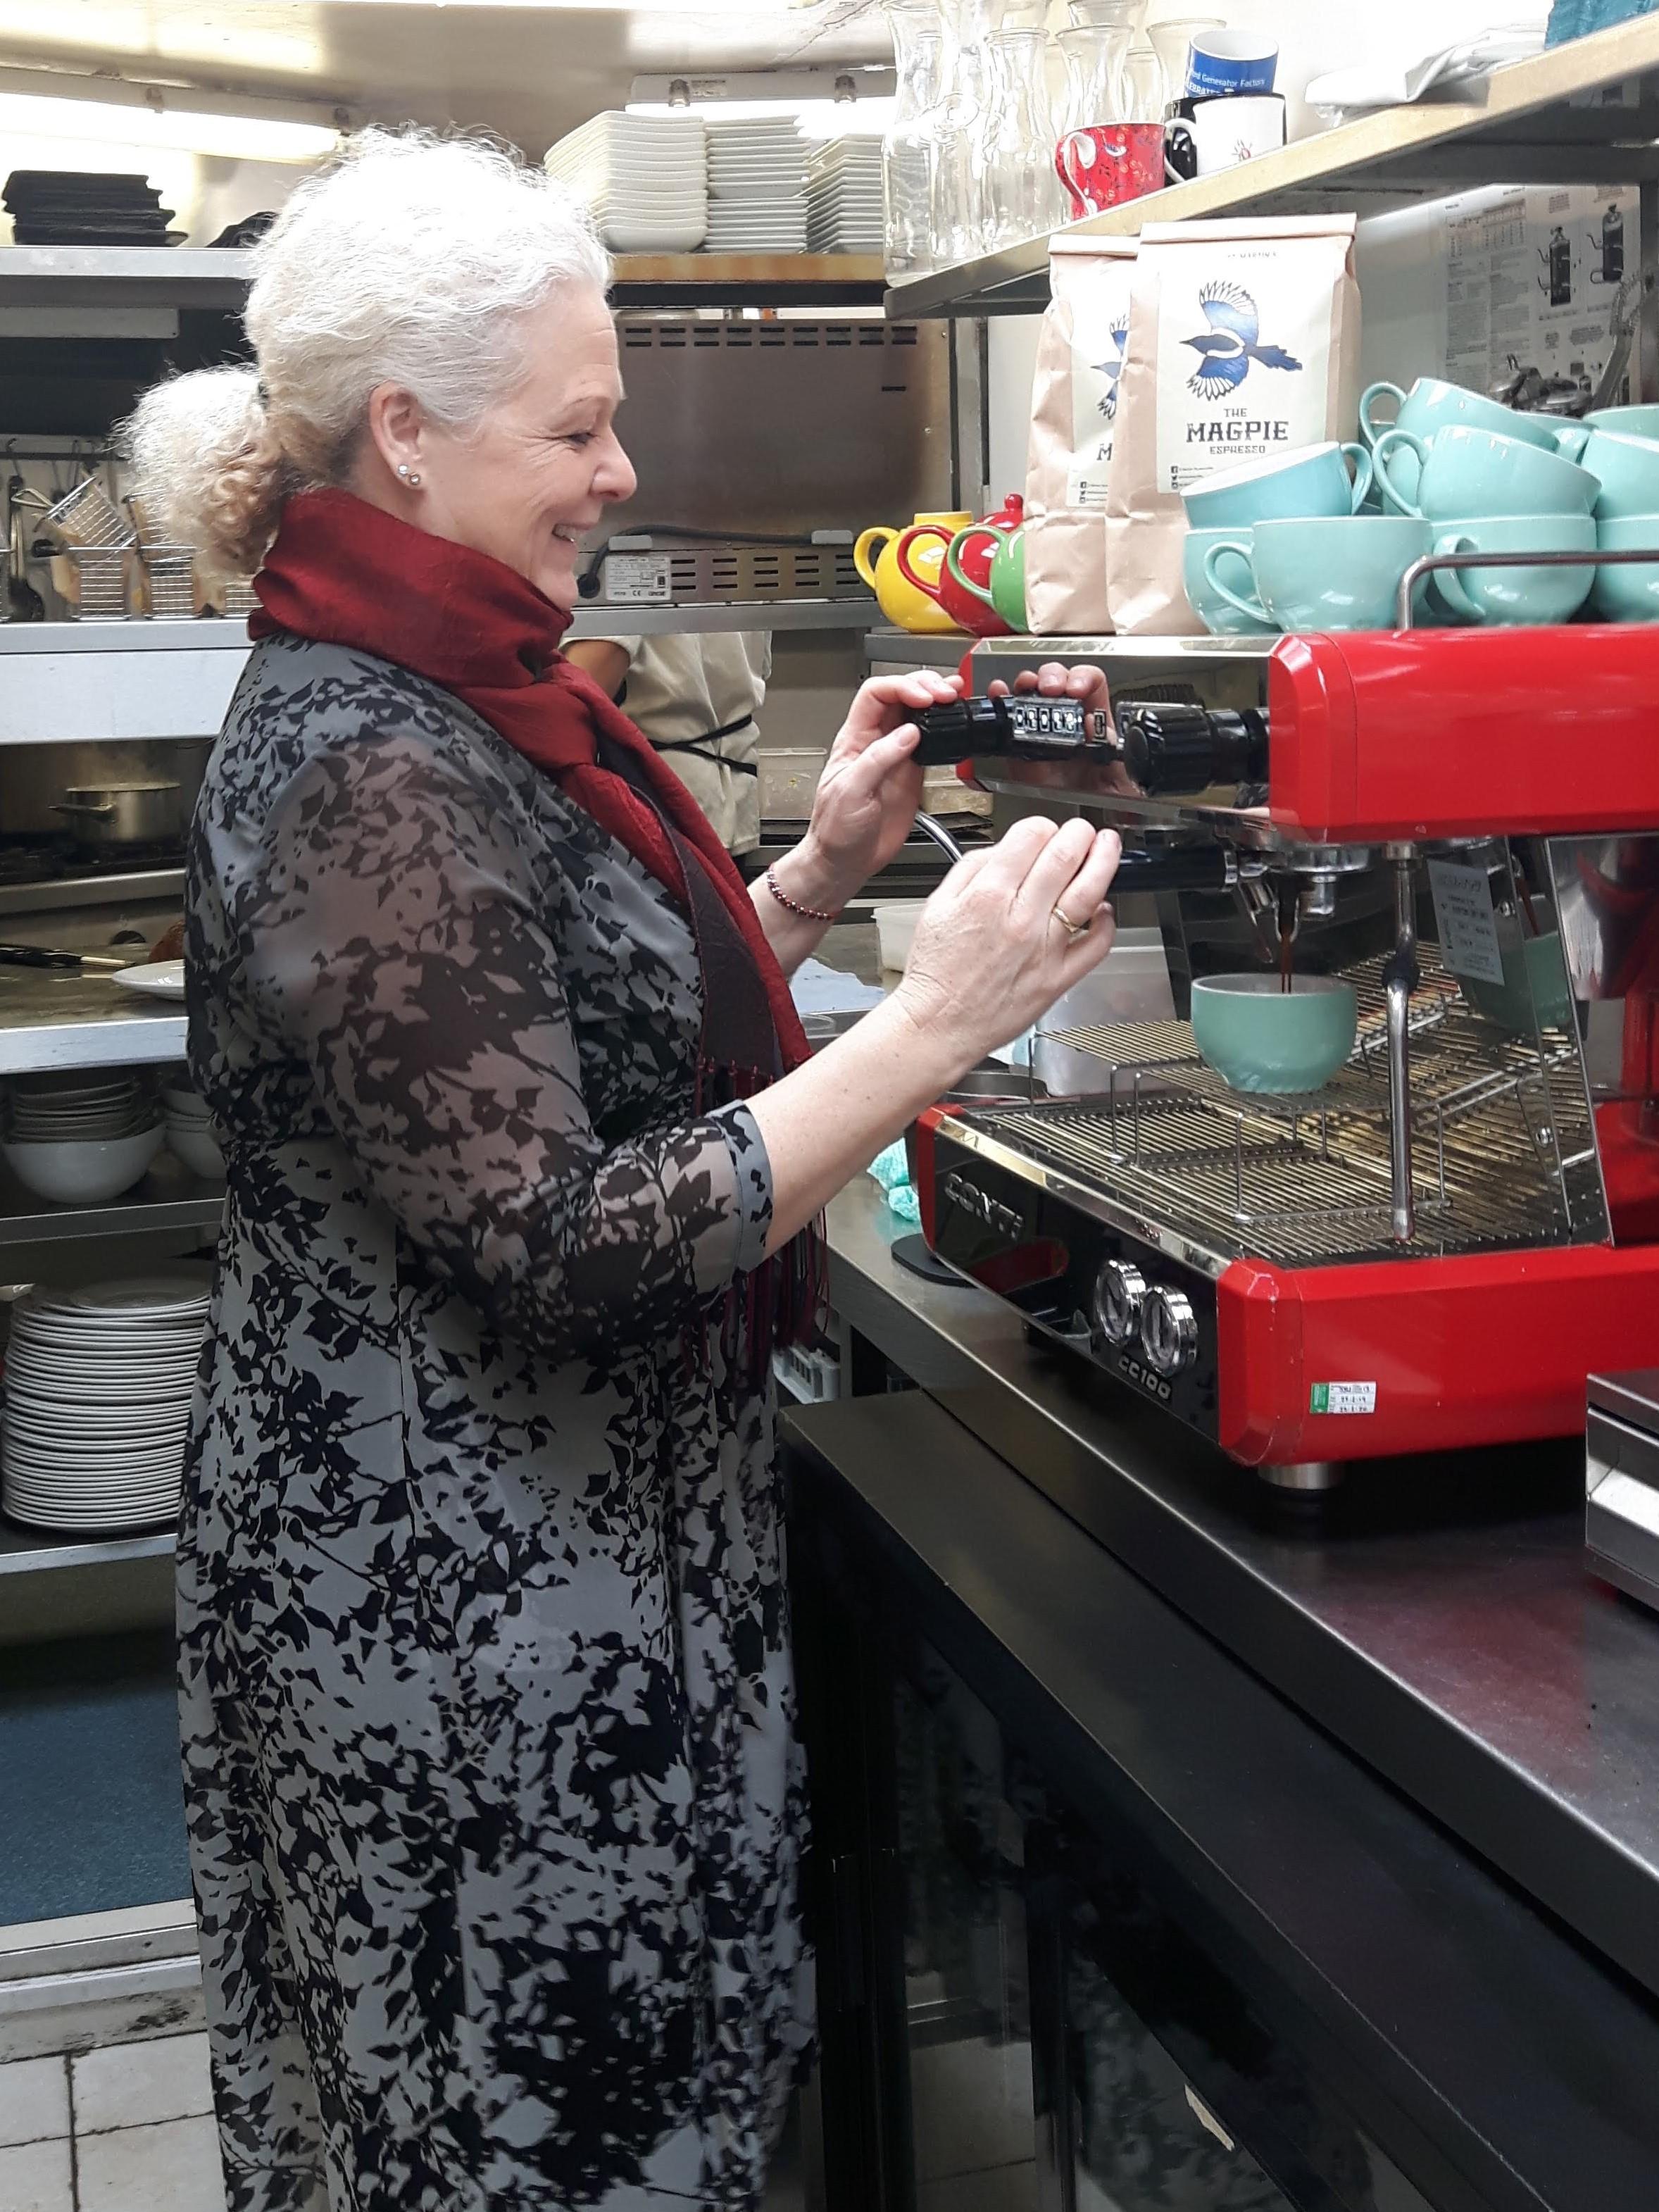 Sarah Making Coffee cropped.jpg